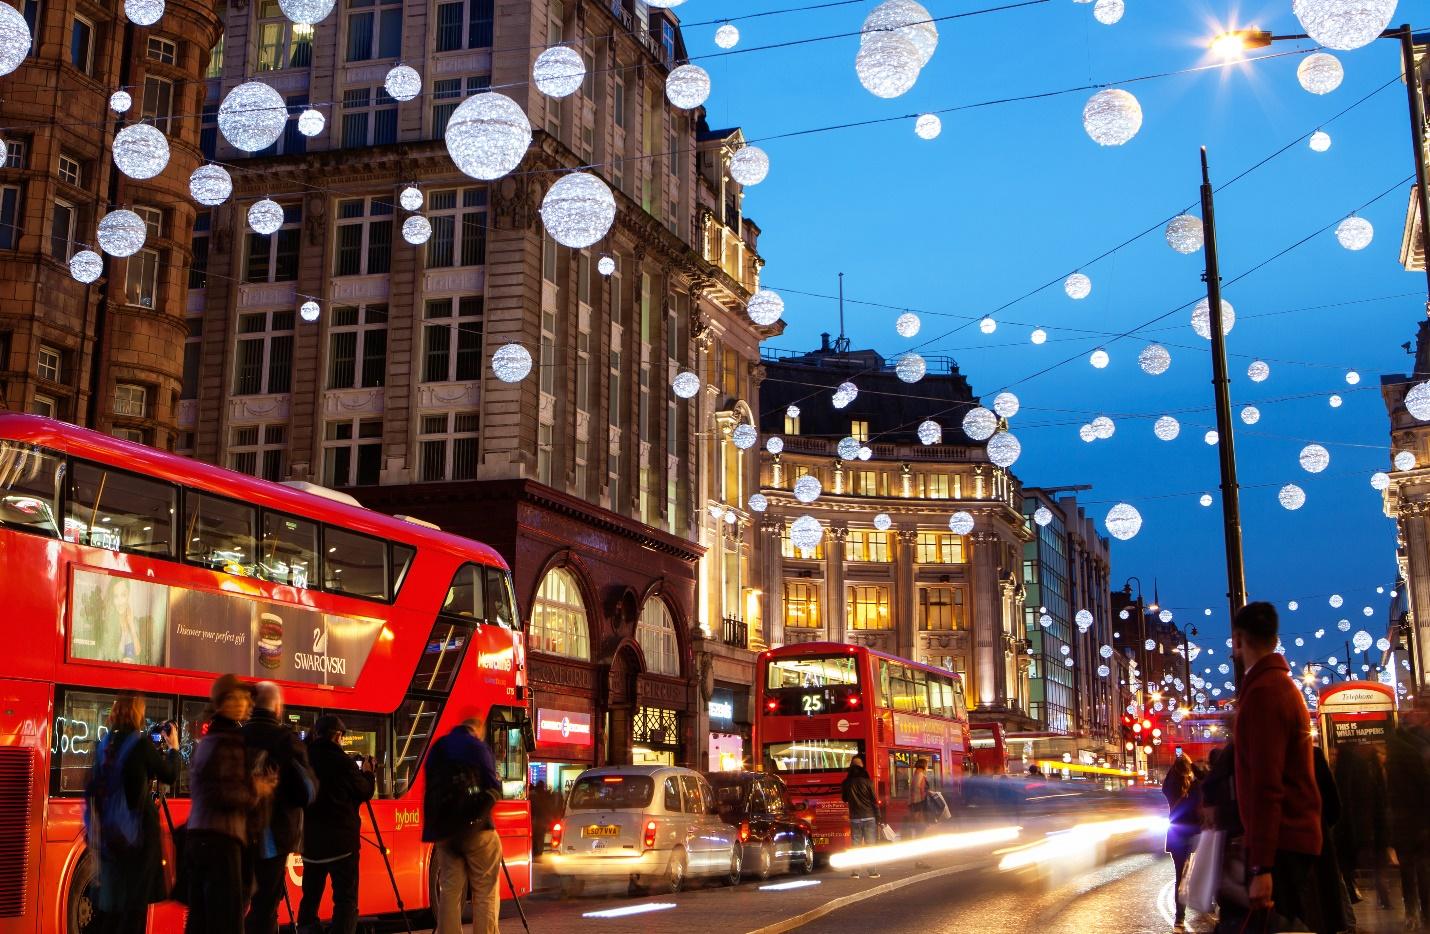 Gợi ý 6 địa điểm đón Giáng sinh tuyệt vời tại châu Âu - Ảnh 3.